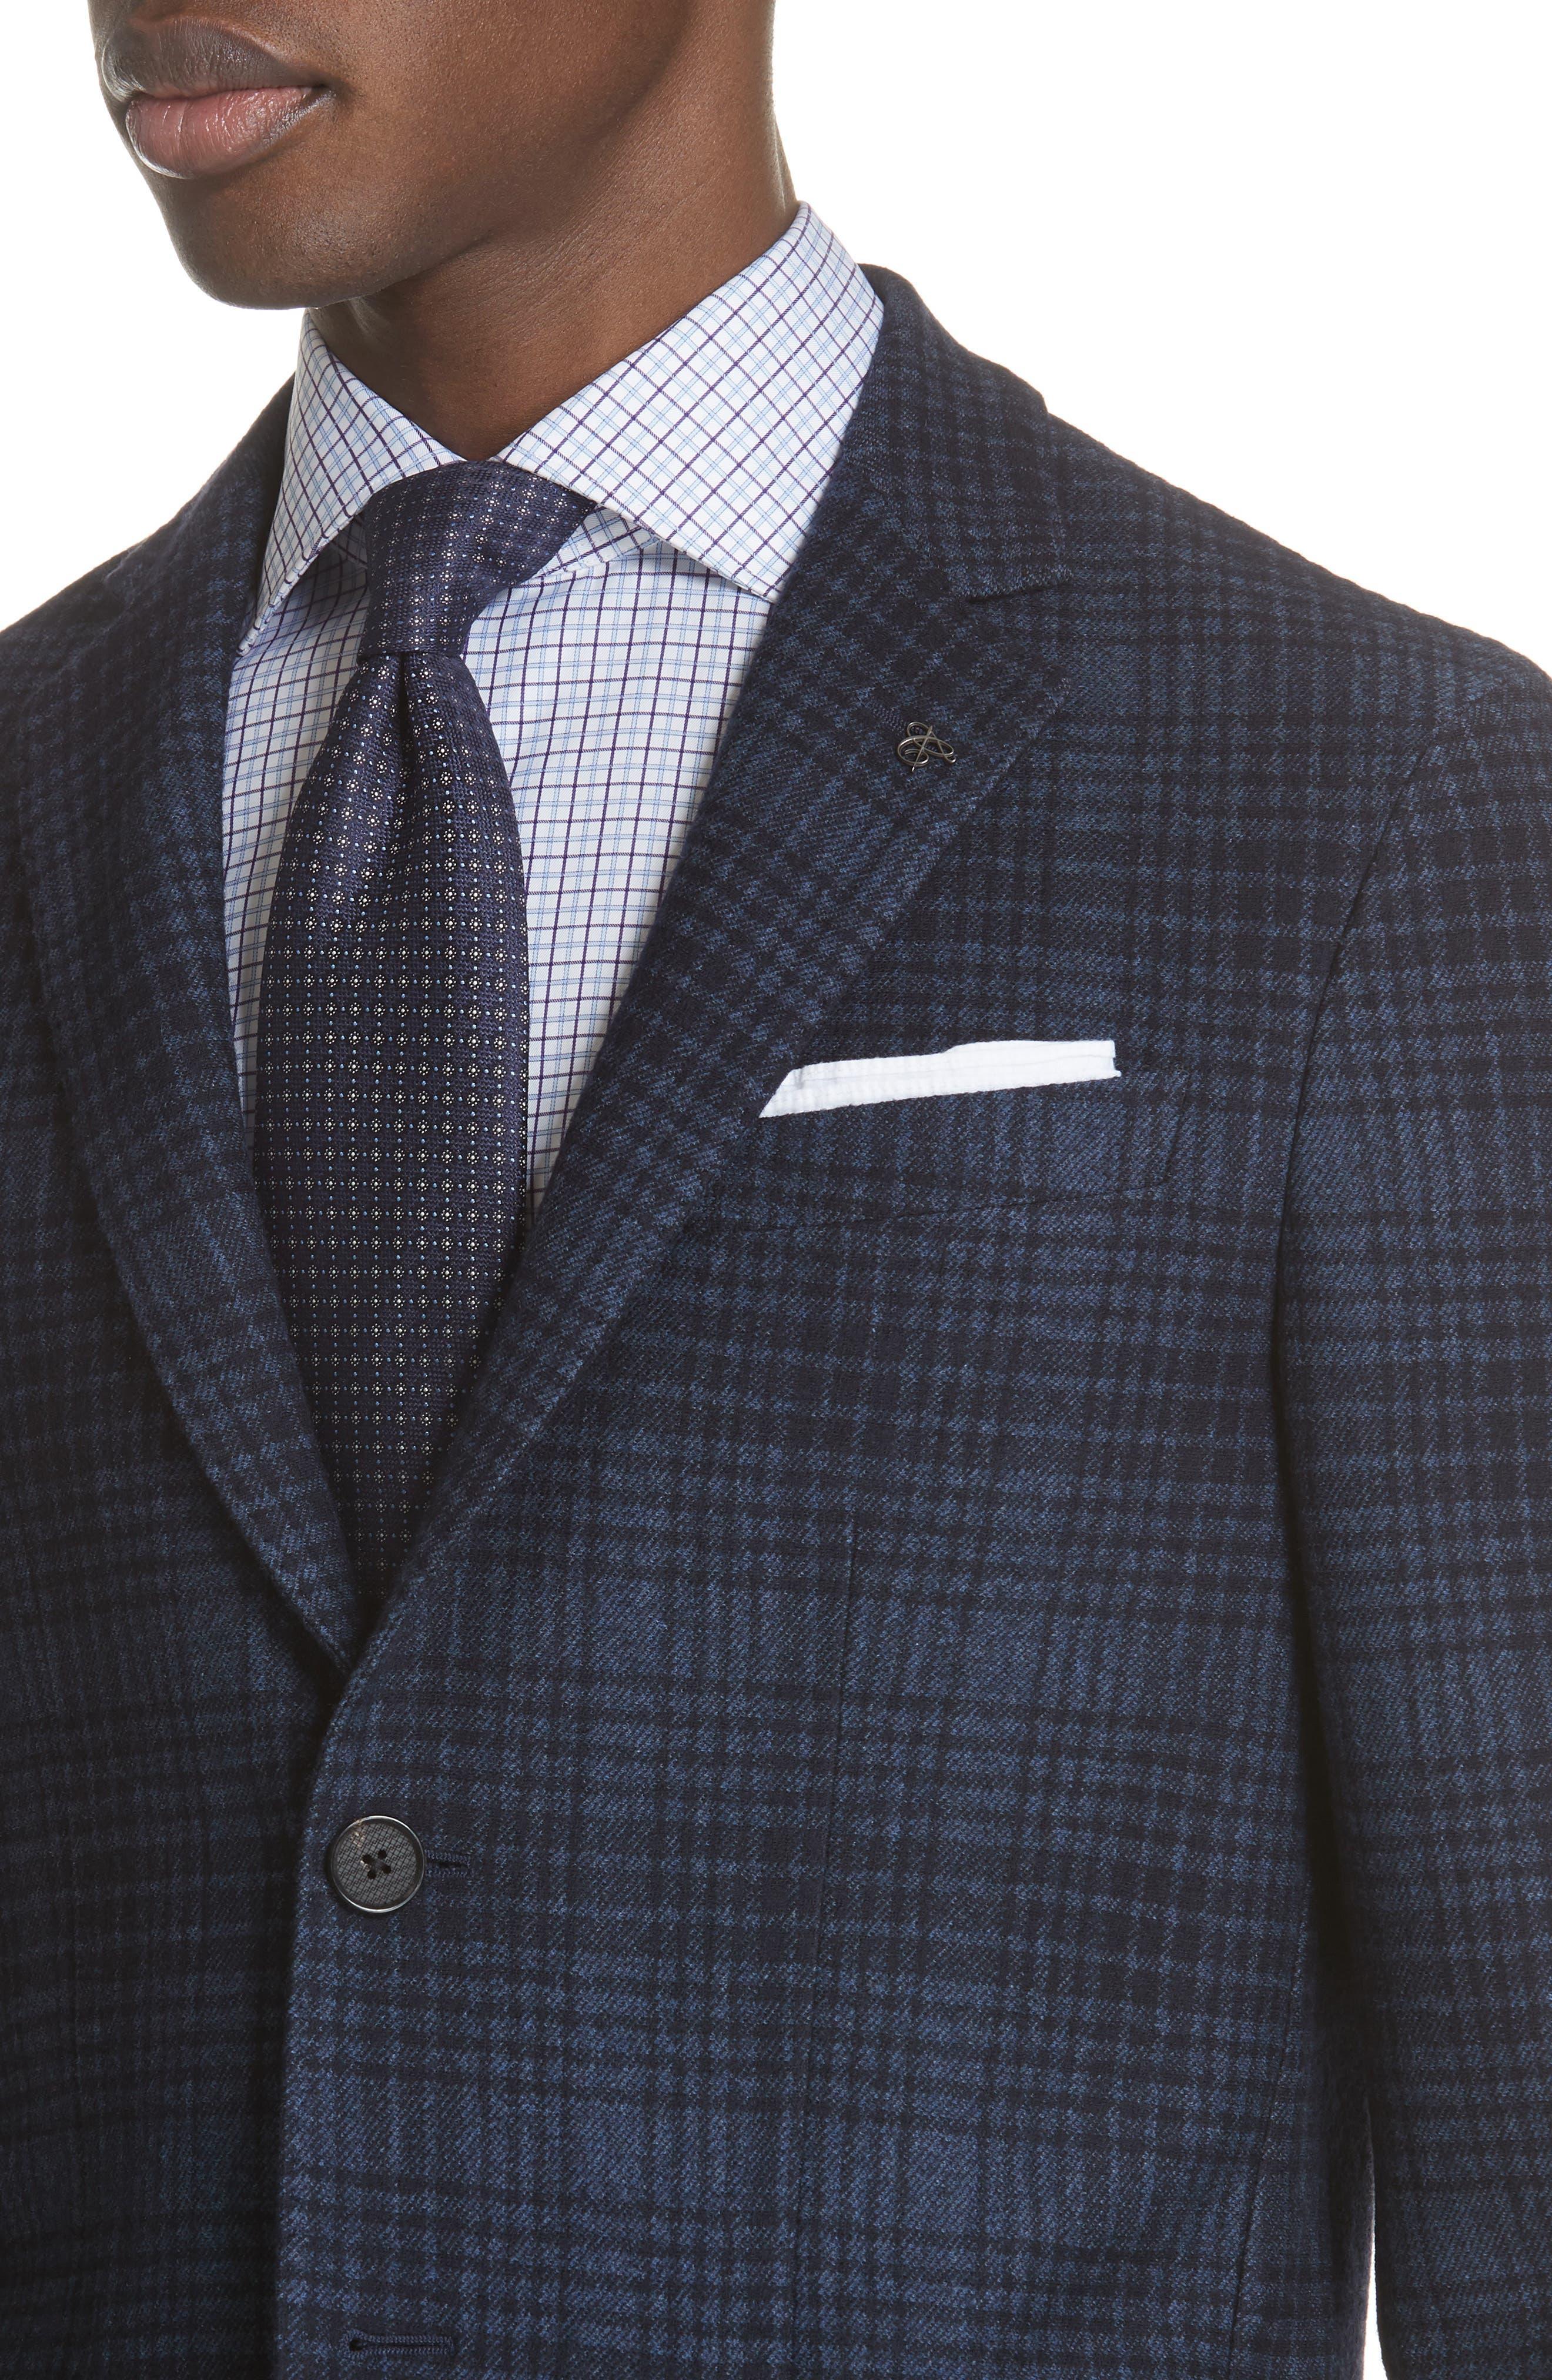 Slim Fit Plaid Wool & Cotton Sport Coat,                             Alternate thumbnail 4, color,                             400